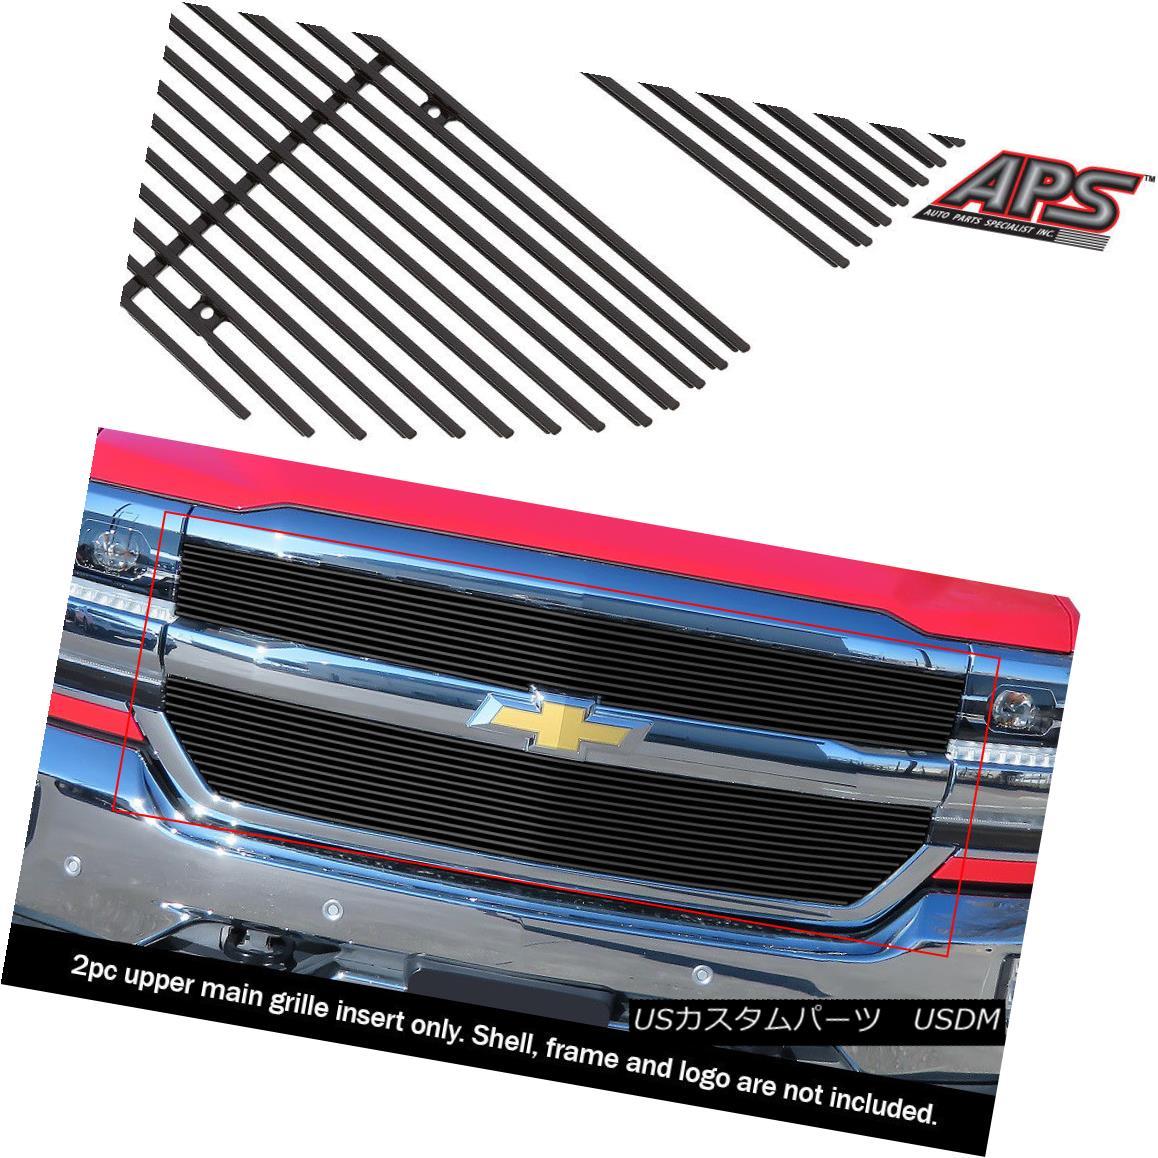 グリル Fits 2016-2018 Chevy Silverado 1500 Main Upper Black Bille Grille Insert 2016-2018 Chevy Silverado 1500メインアッパーブラックビルグリルインサート